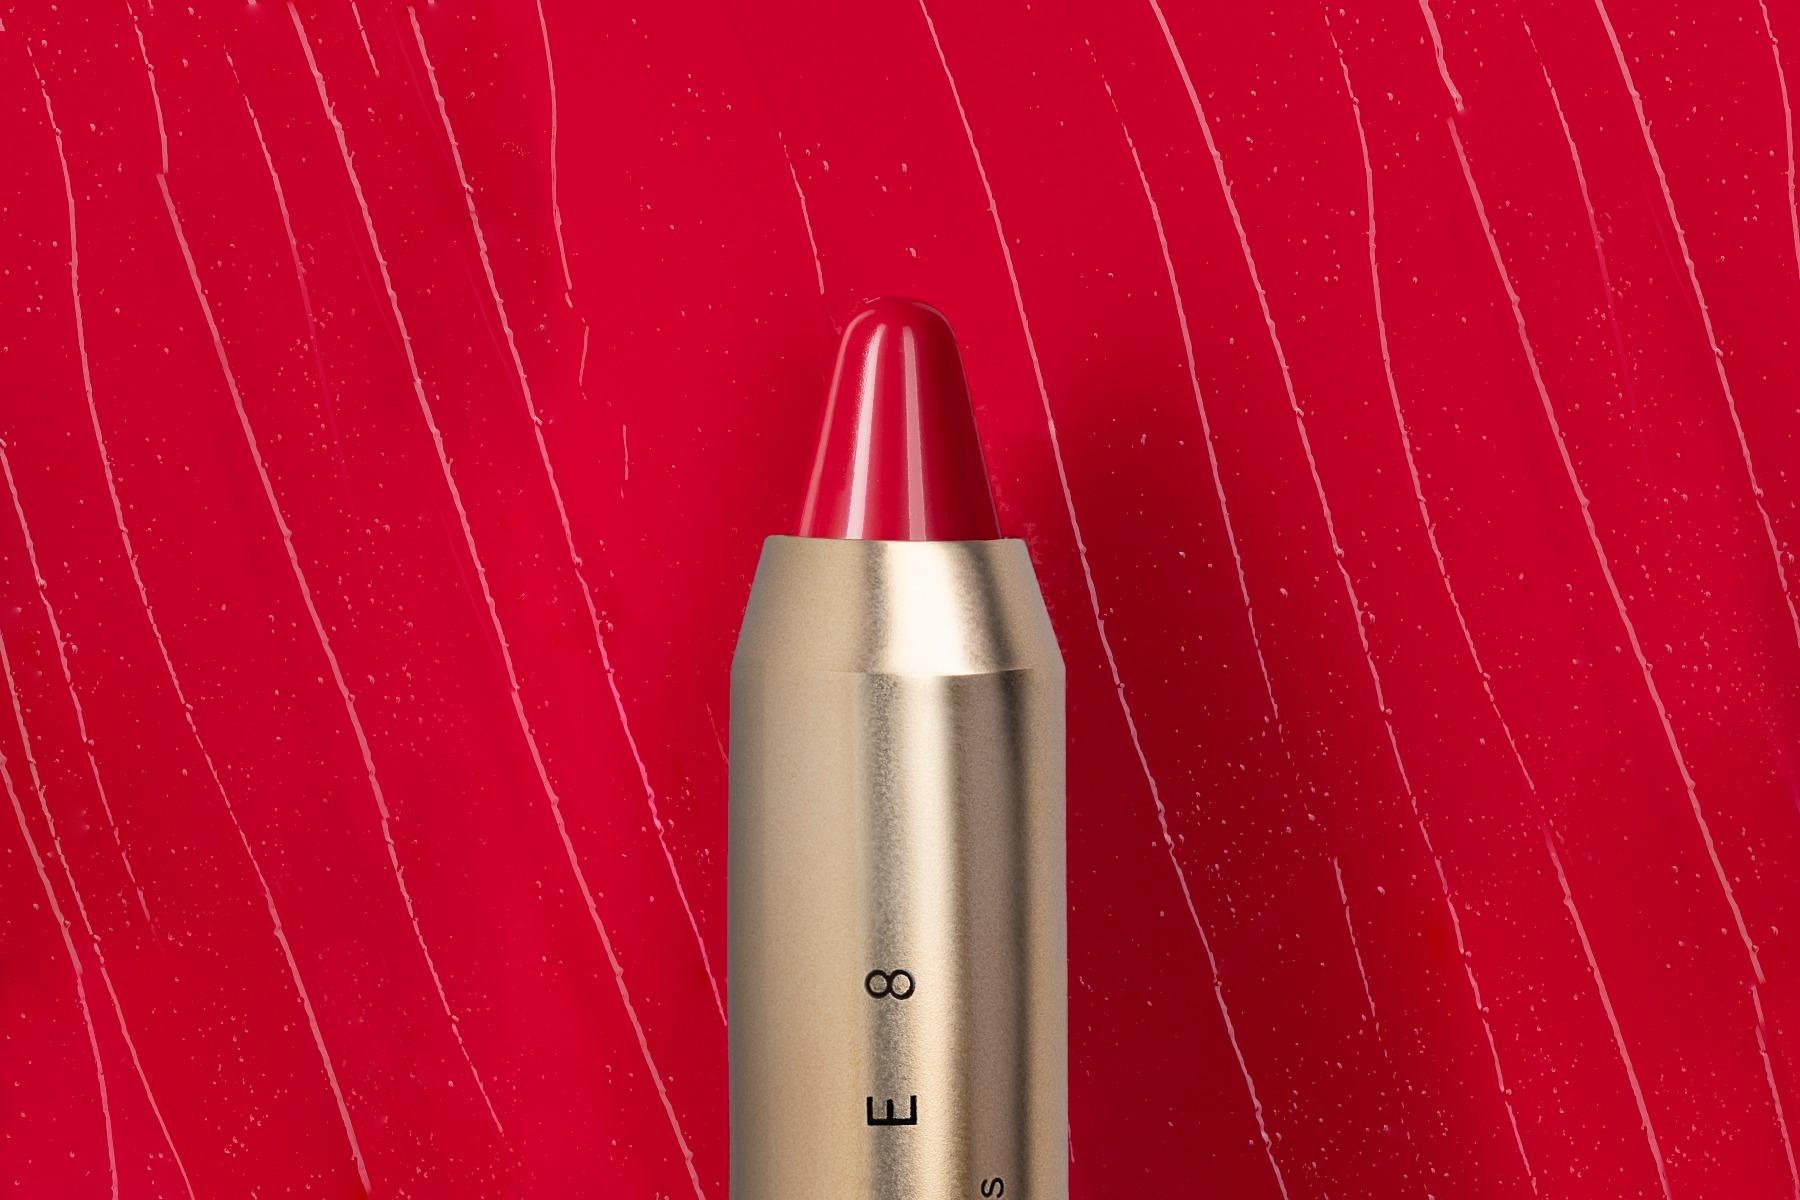 Red Lipstick - Lip & Cheek Tint